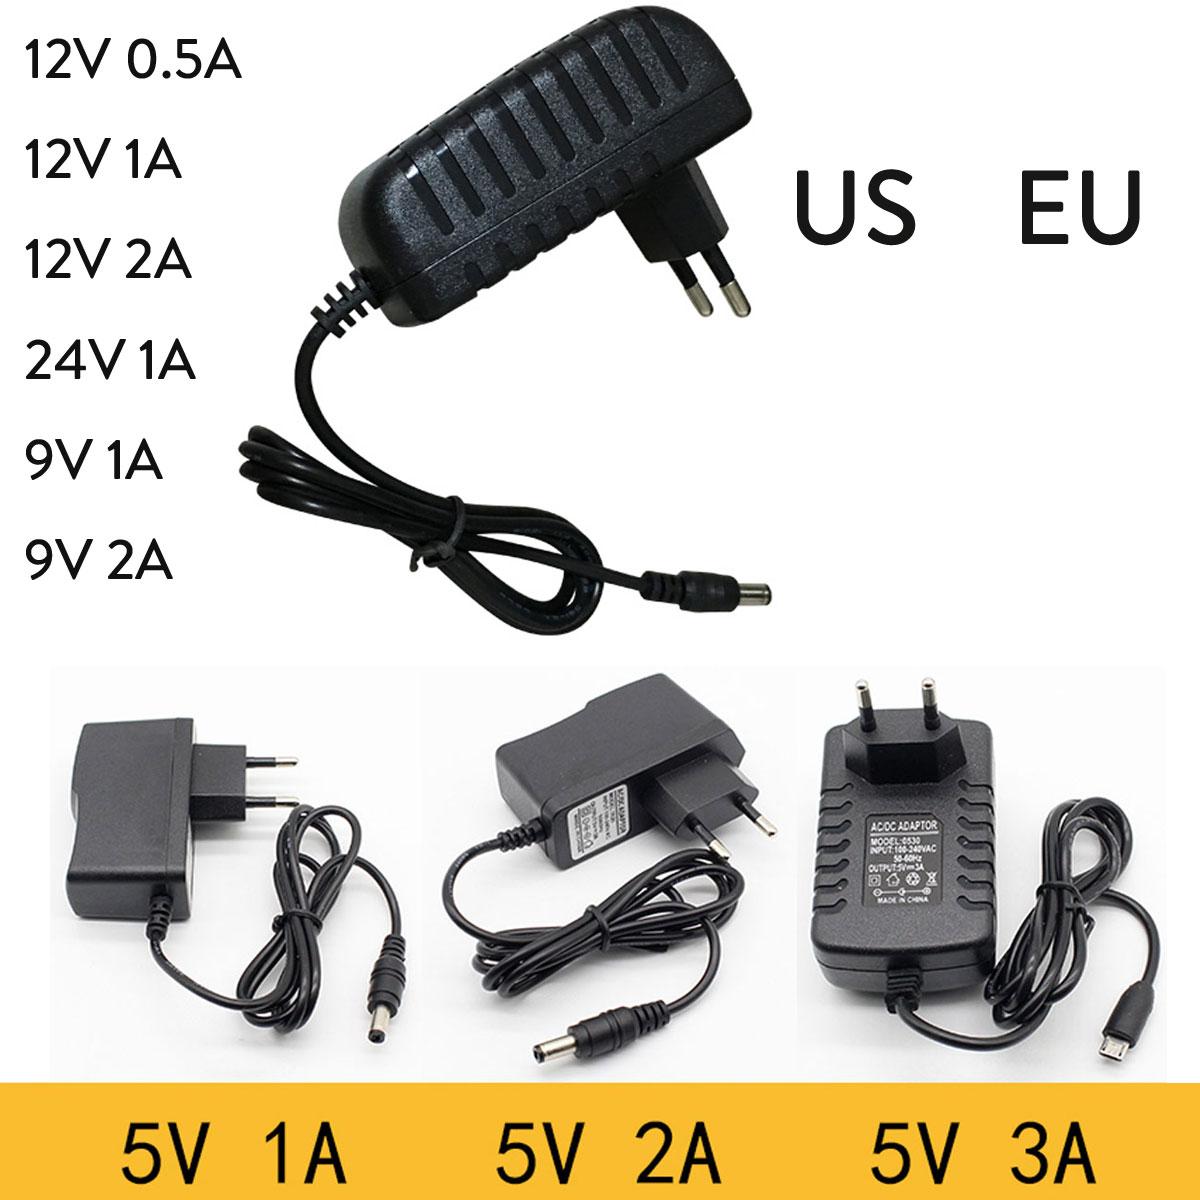 Details About Ac100 240v Lighting Transformers 24v 9v 5v 12v 1a 2a Supply For Led Strip